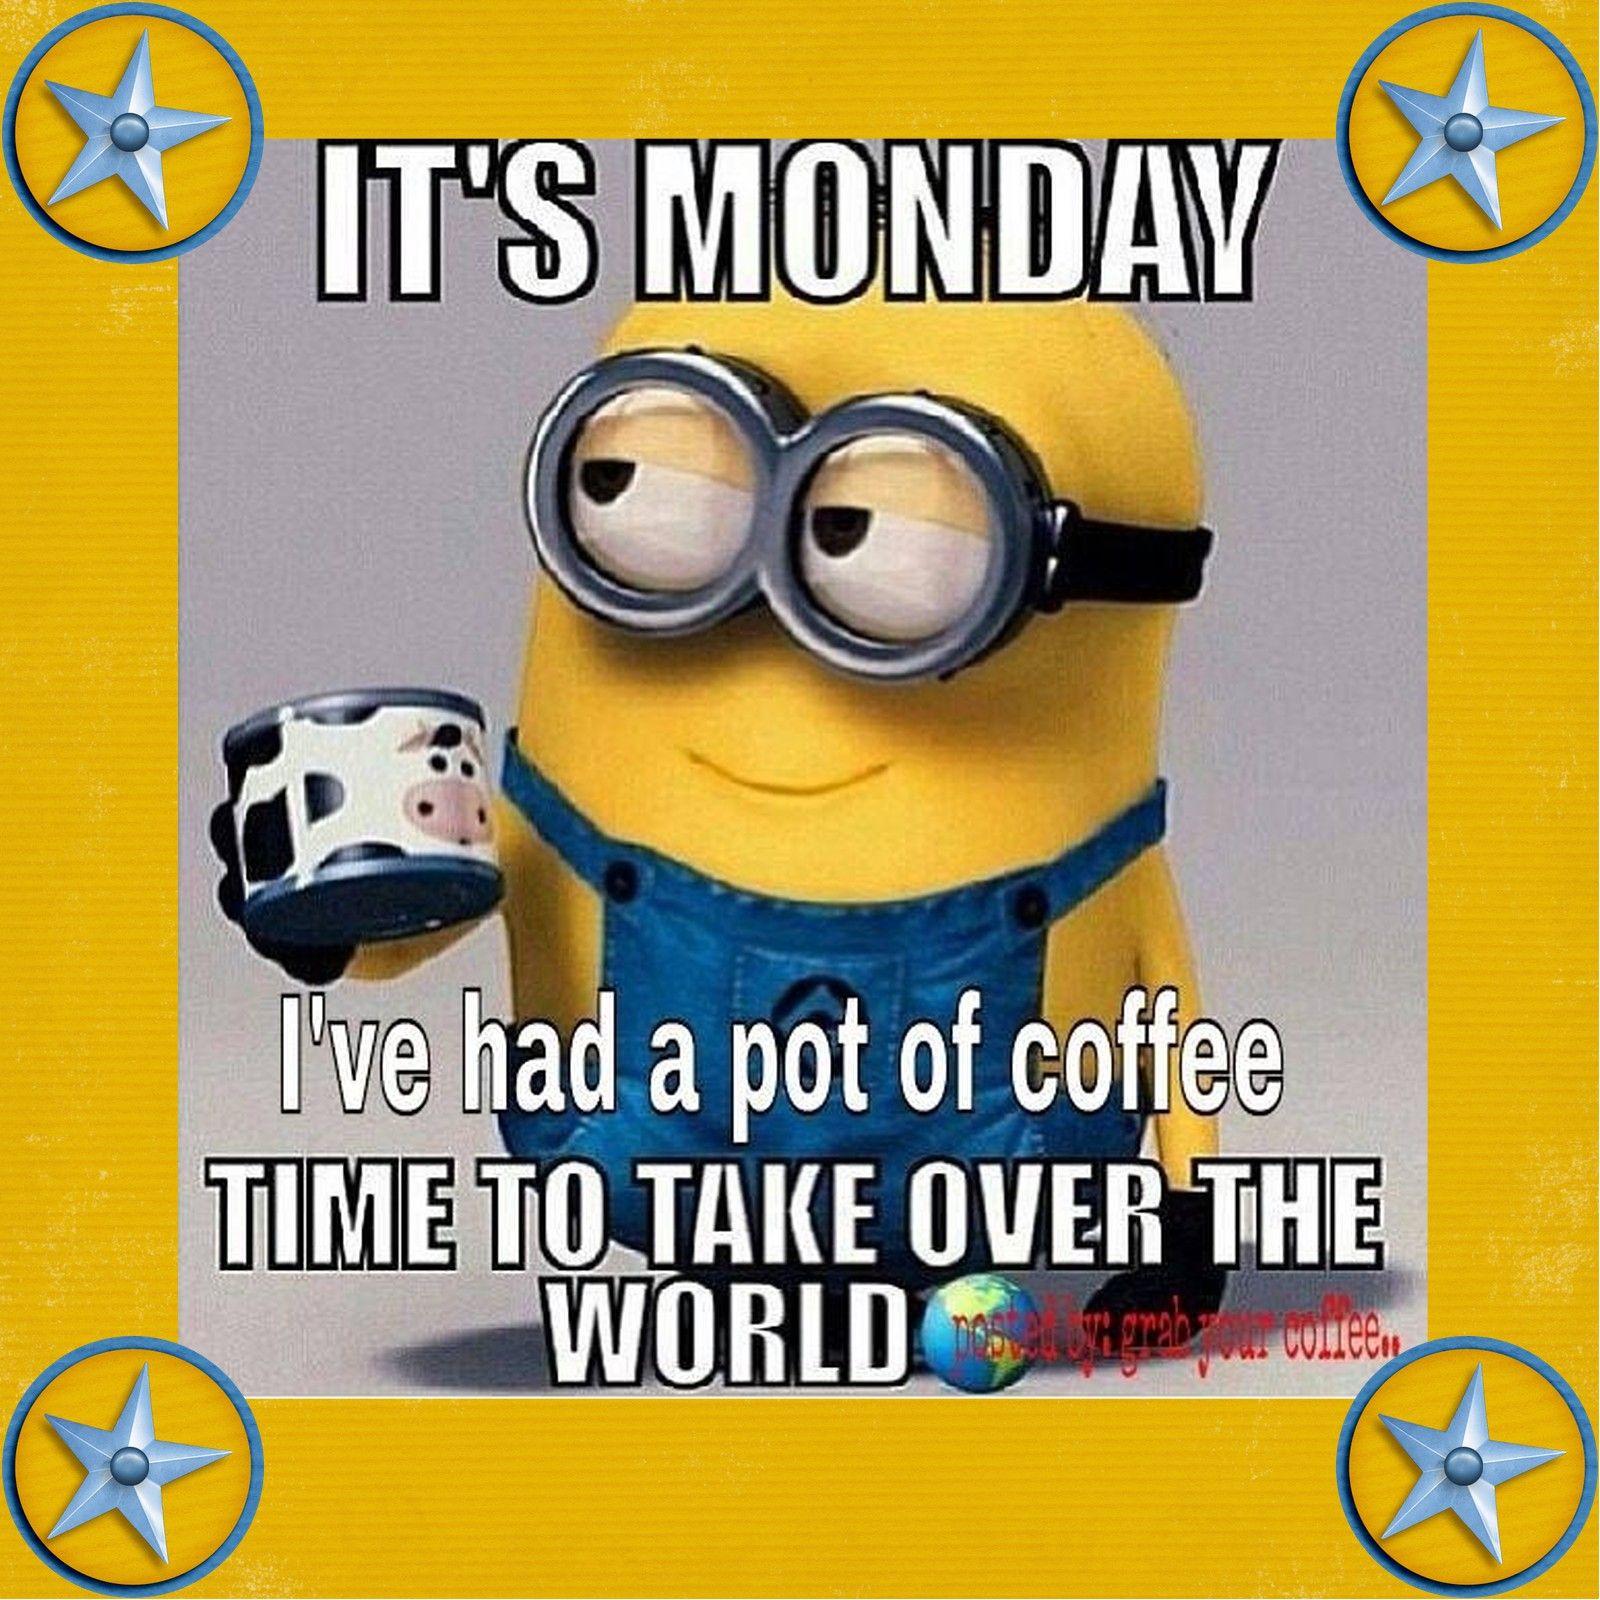 Monday Minion Pot Of Coffee Minions Funny Funny Minion Quotes Minions